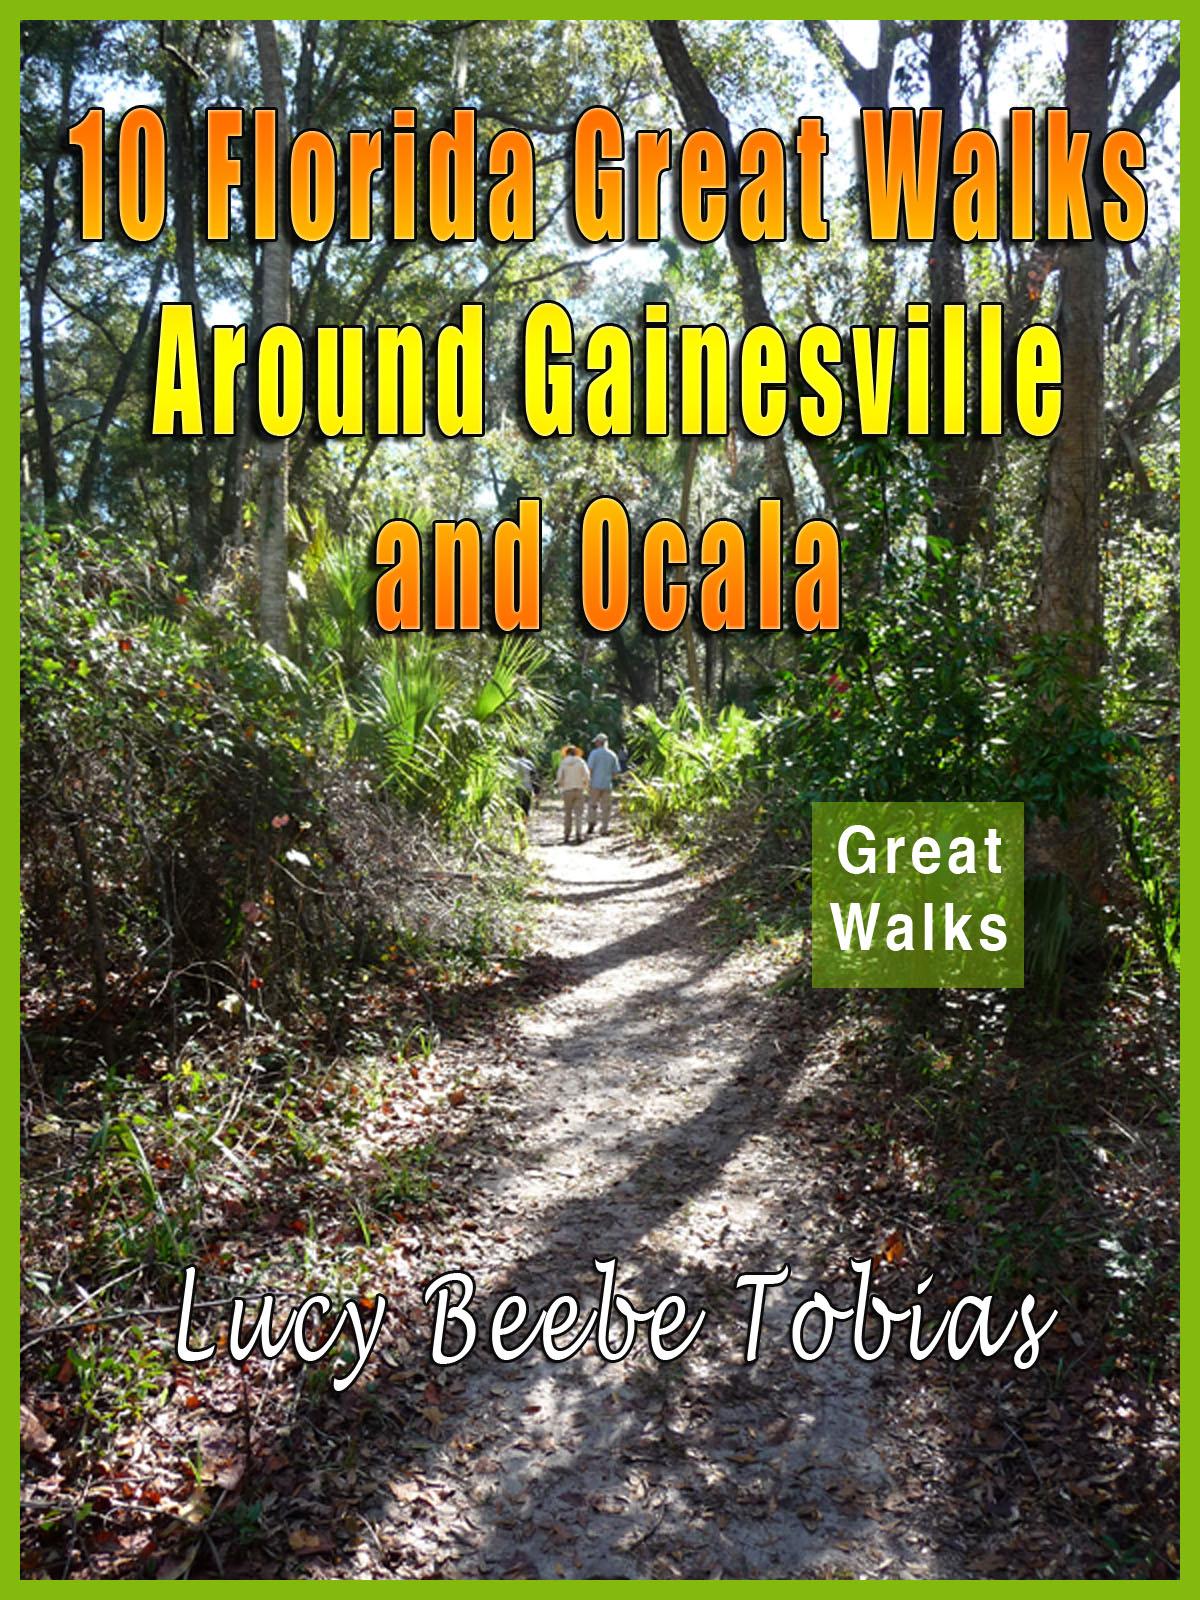 White apron gainesville fl - Gainesivlle 10 Florida Great Walks